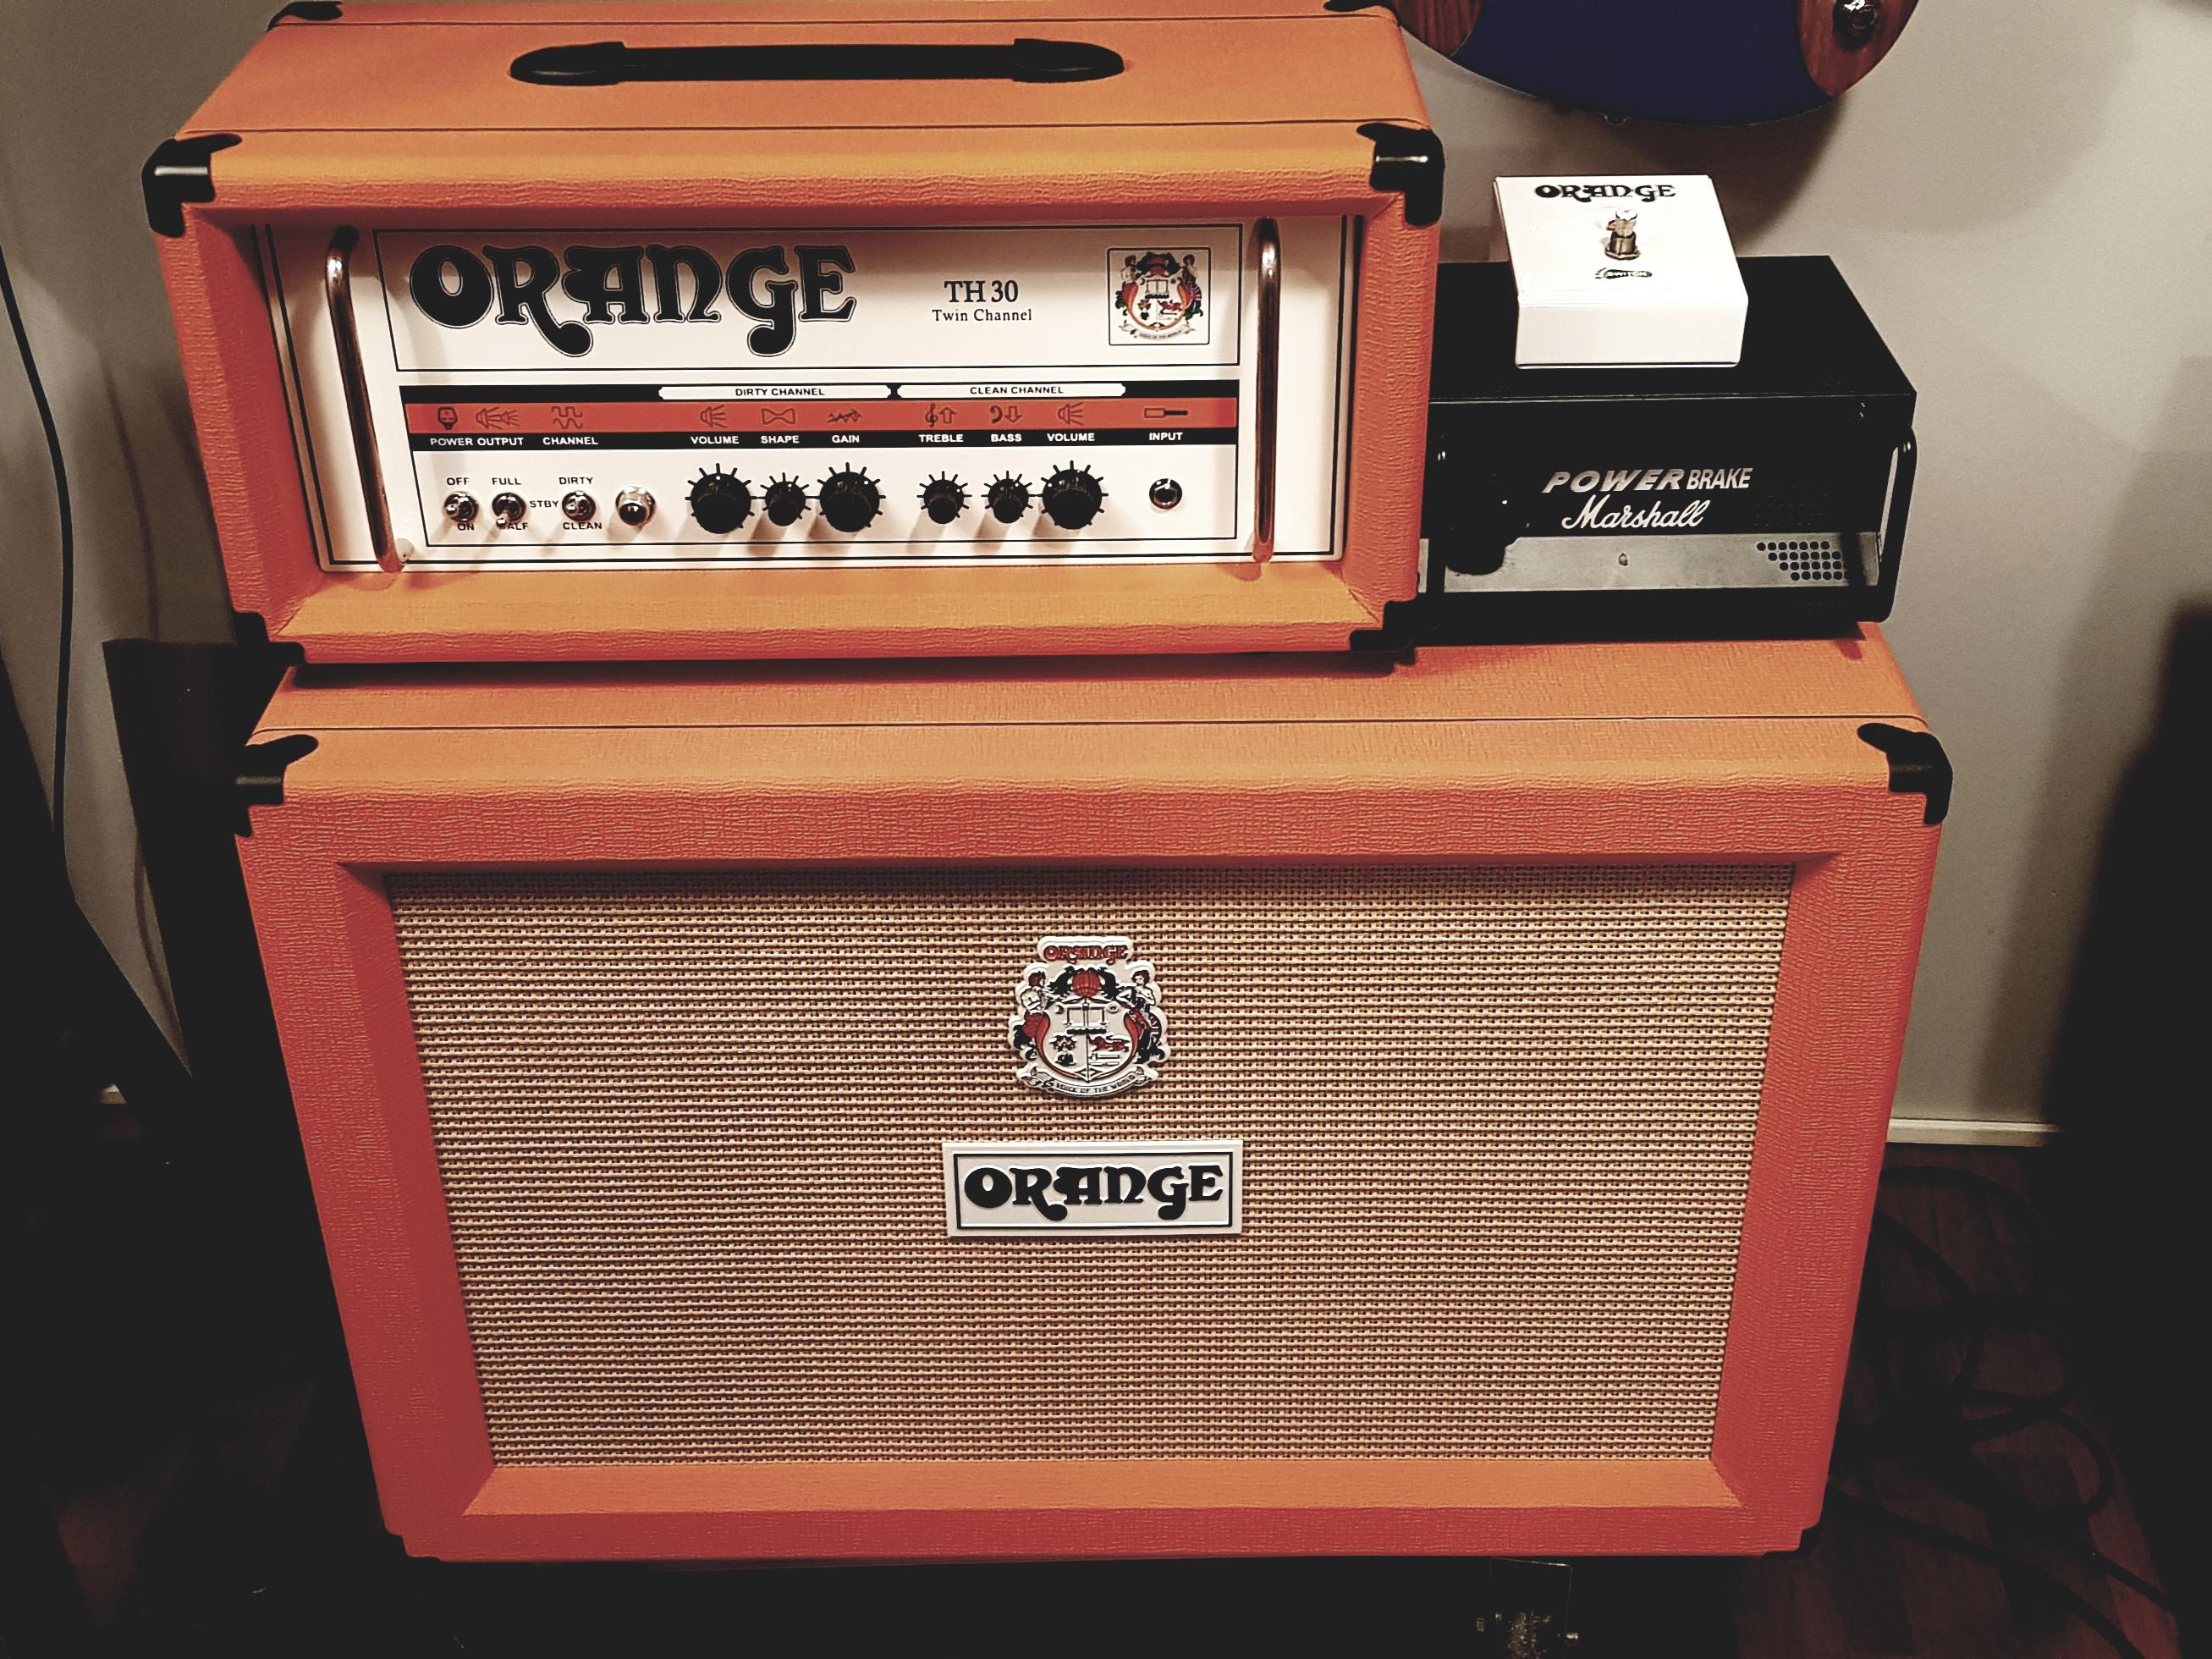 ampli lampes orange th30 complet annonce ampli orange. Black Bedroom Furniture Sets. Home Design Ideas